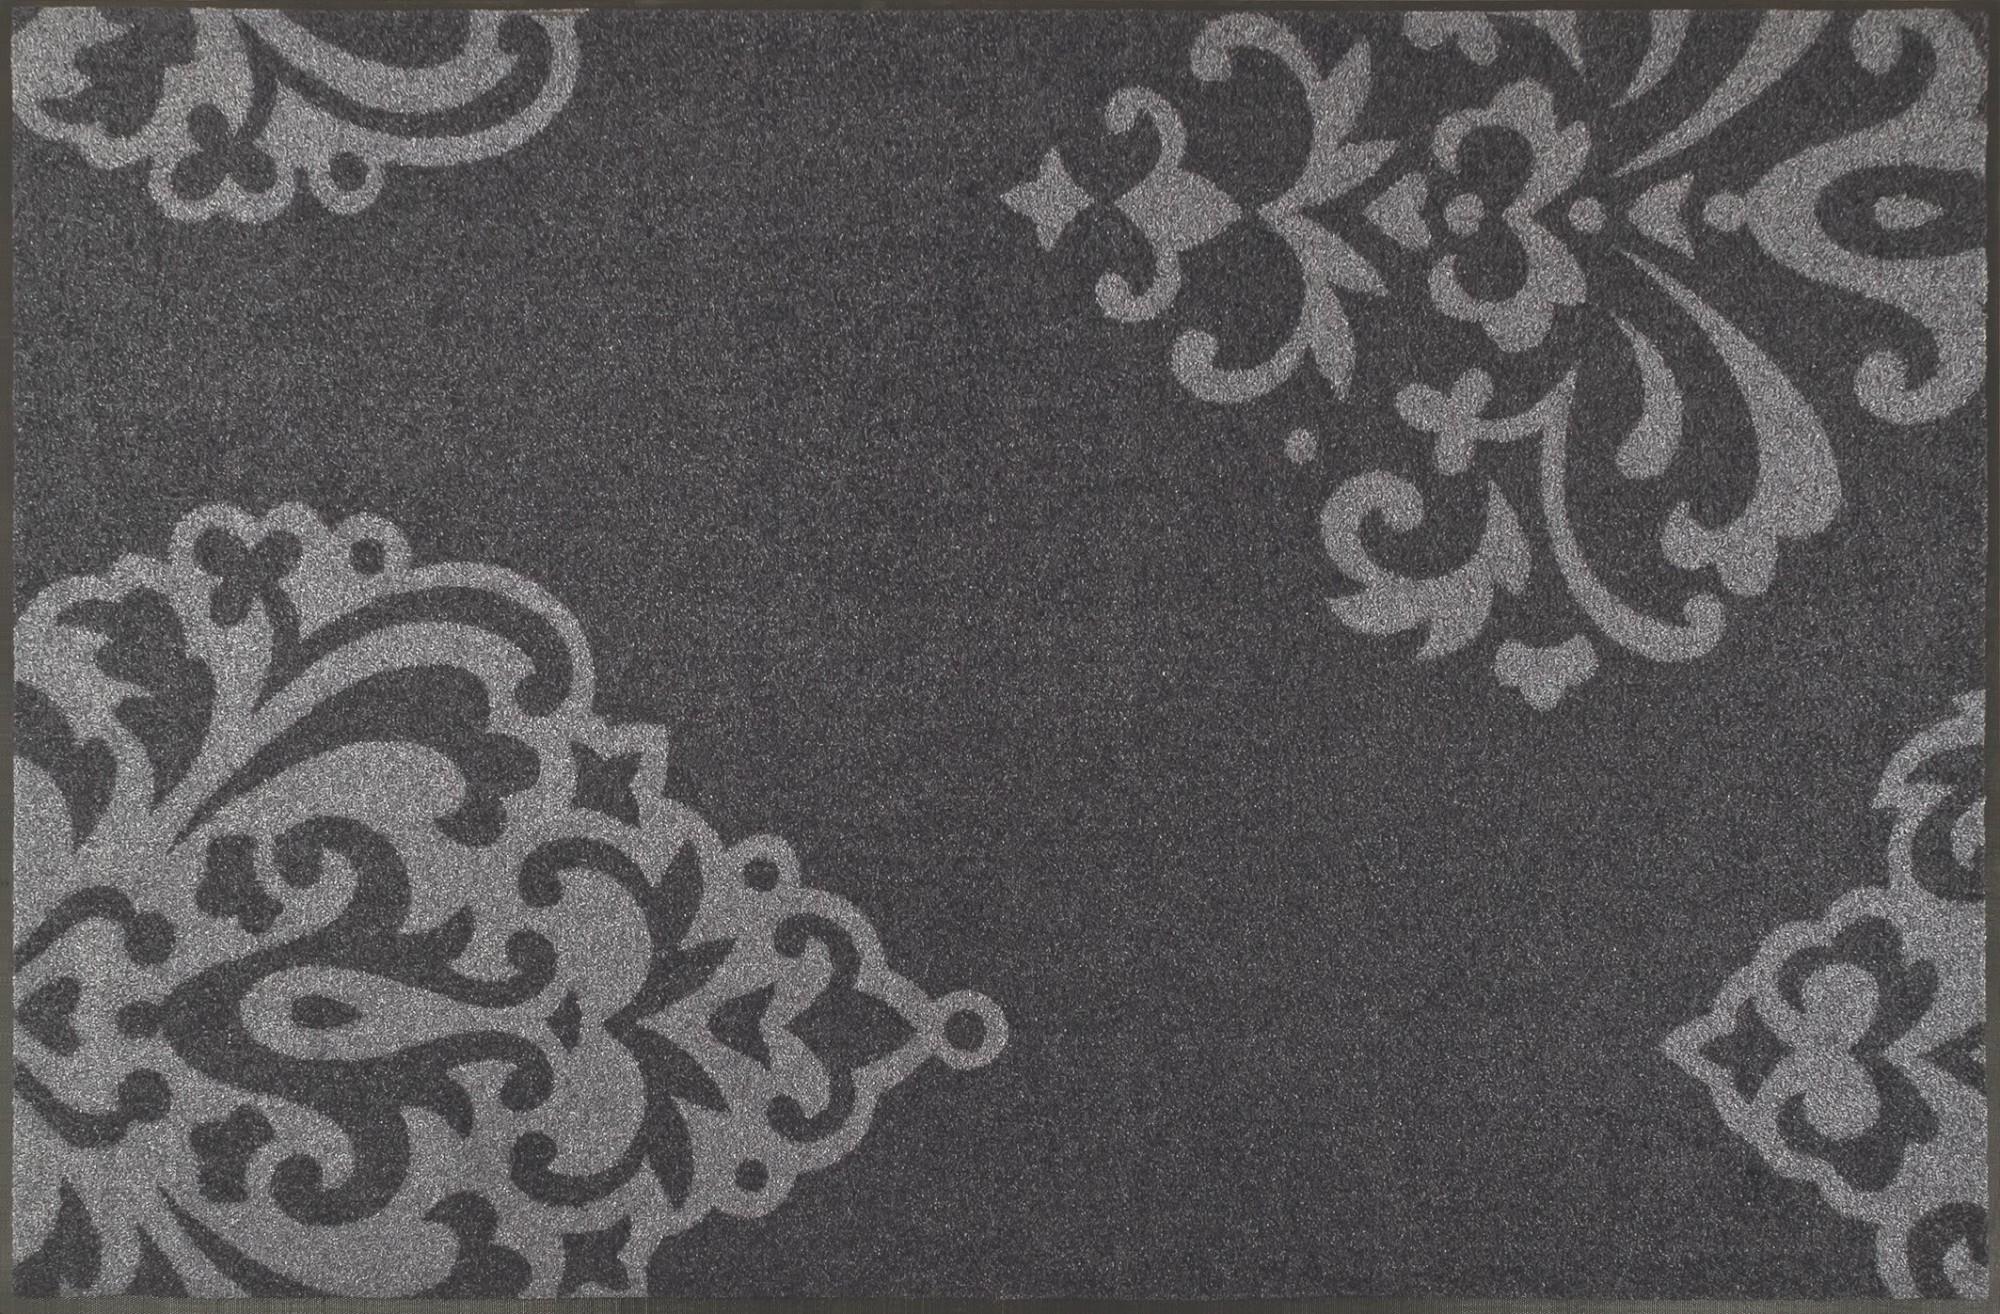 wash dry fu matte lucia grey waschbar rankenmotiv schmutzmatte. Black Bedroom Furniture Sets. Home Design Ideas